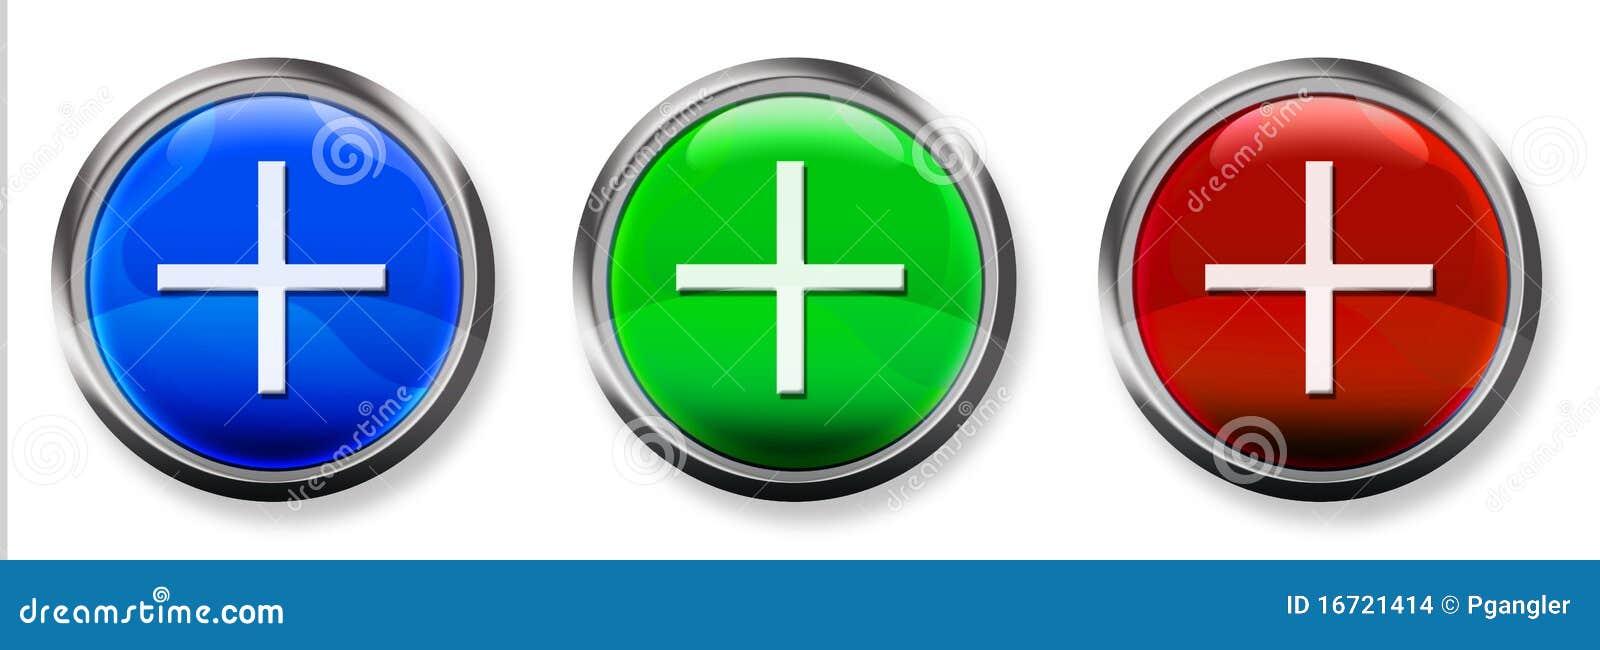 plus sign 3d rgb button stock images image 16721414